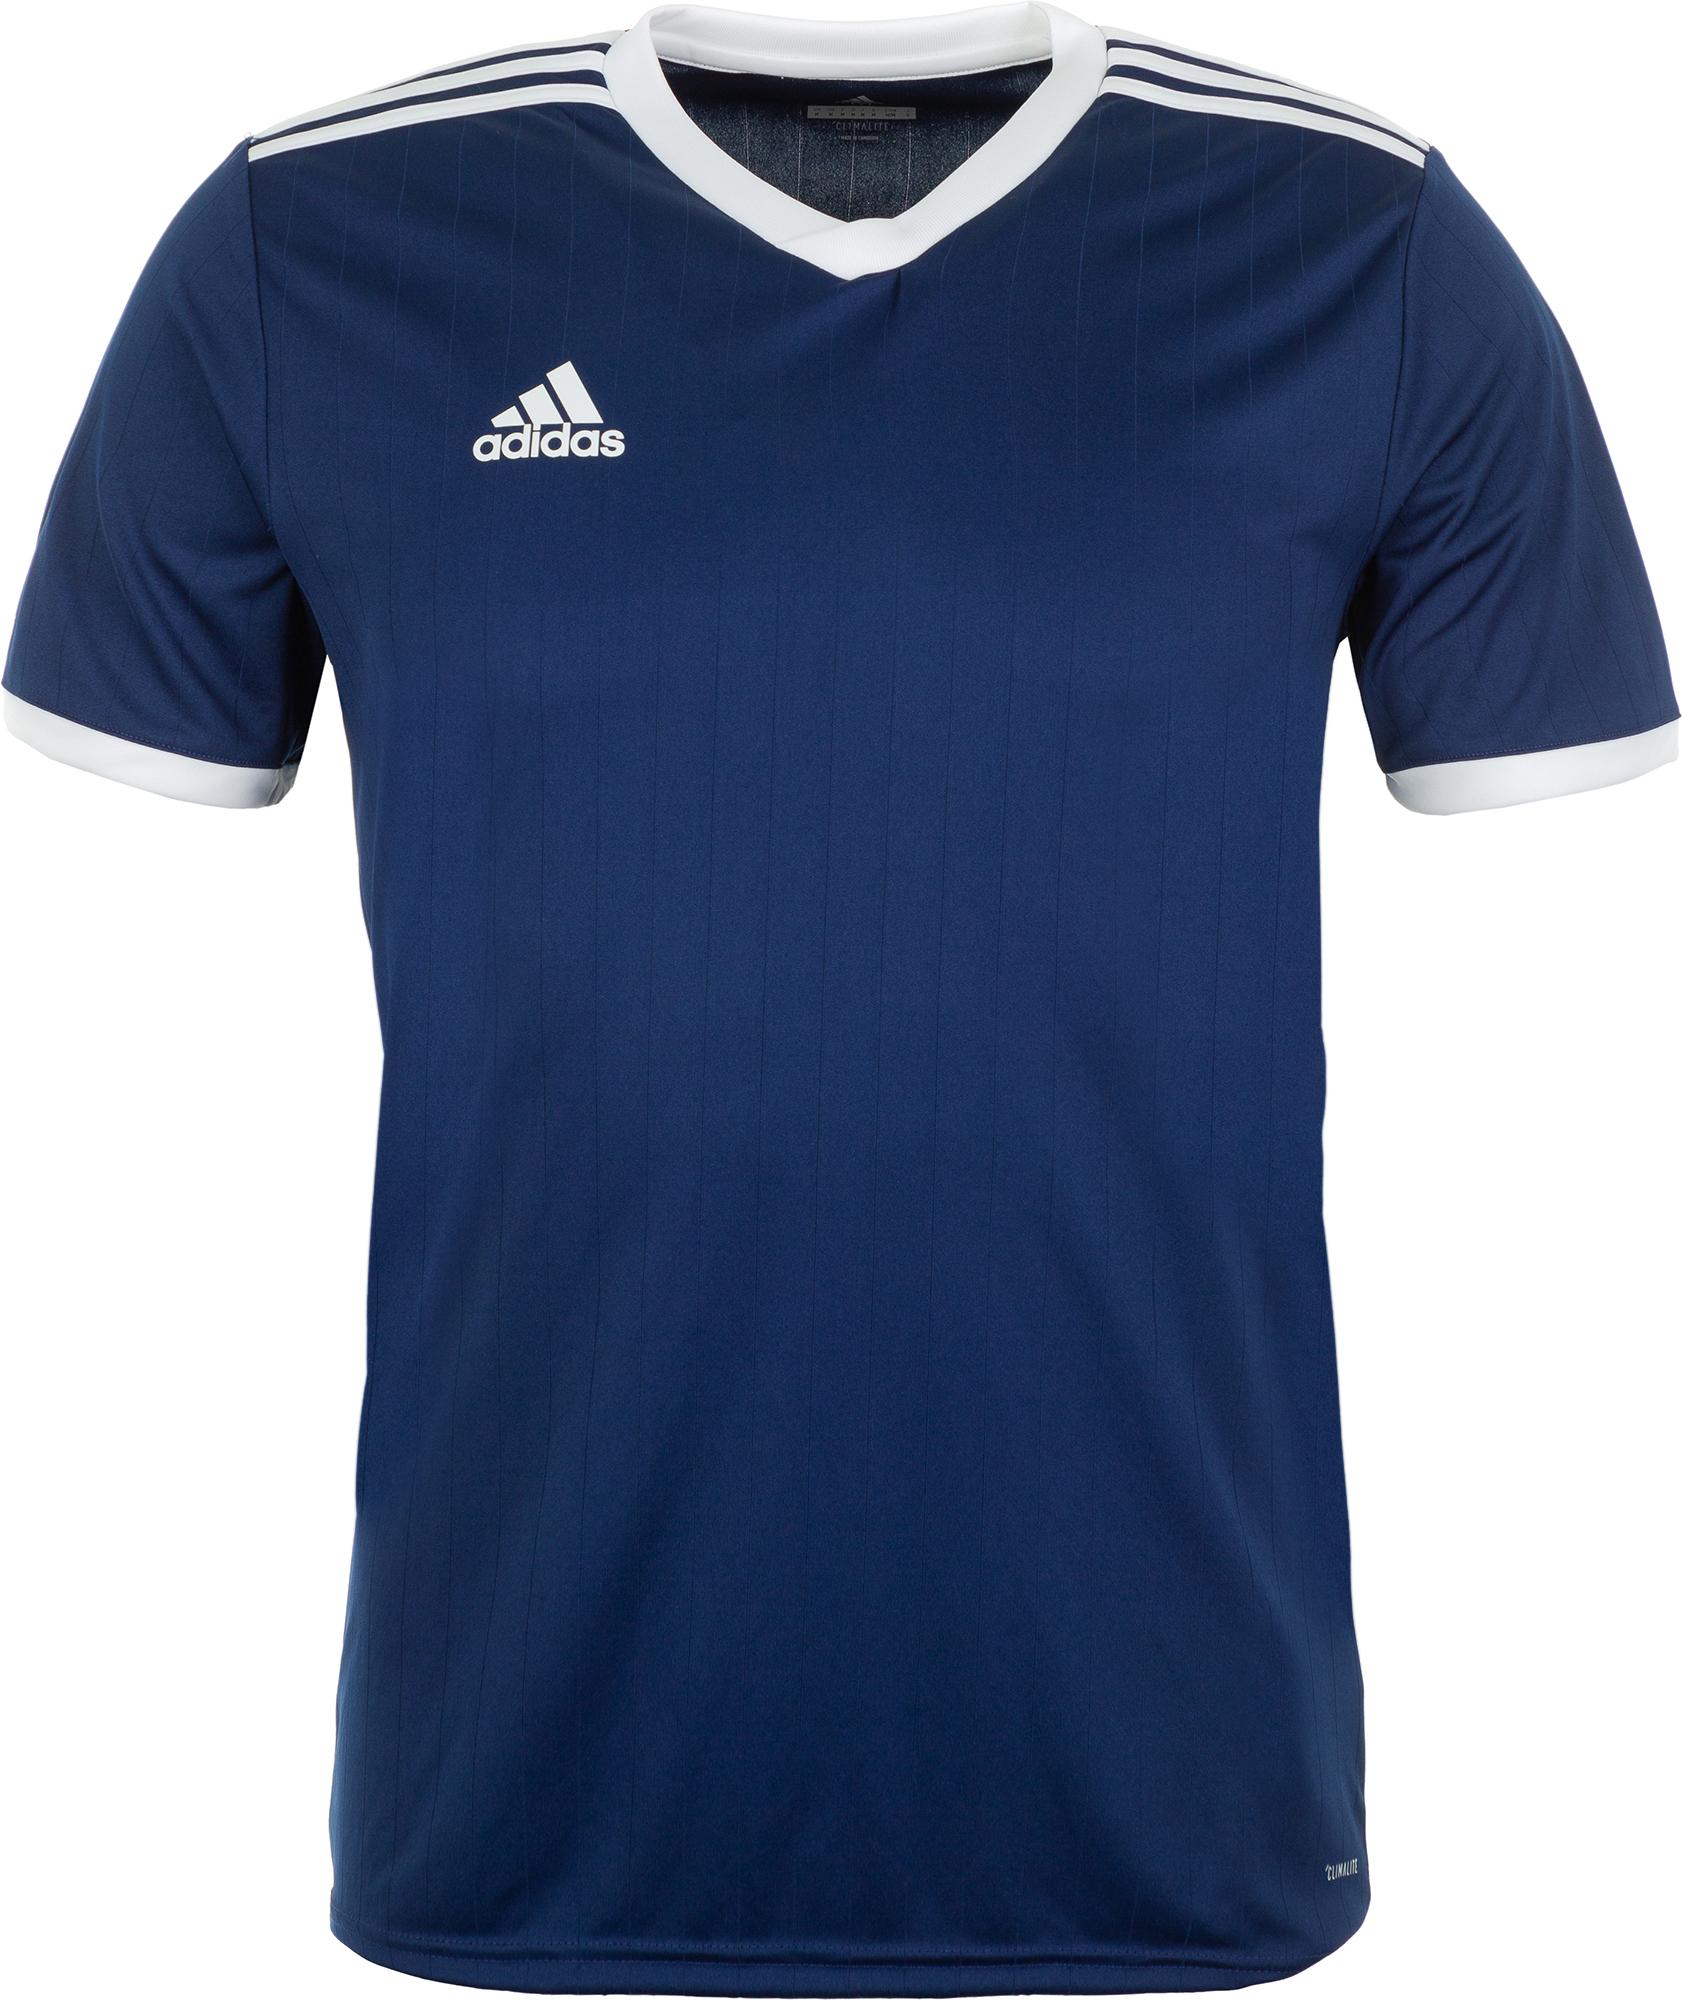 Adidas Футболка мужская Adidas Tabela 18, размер XL